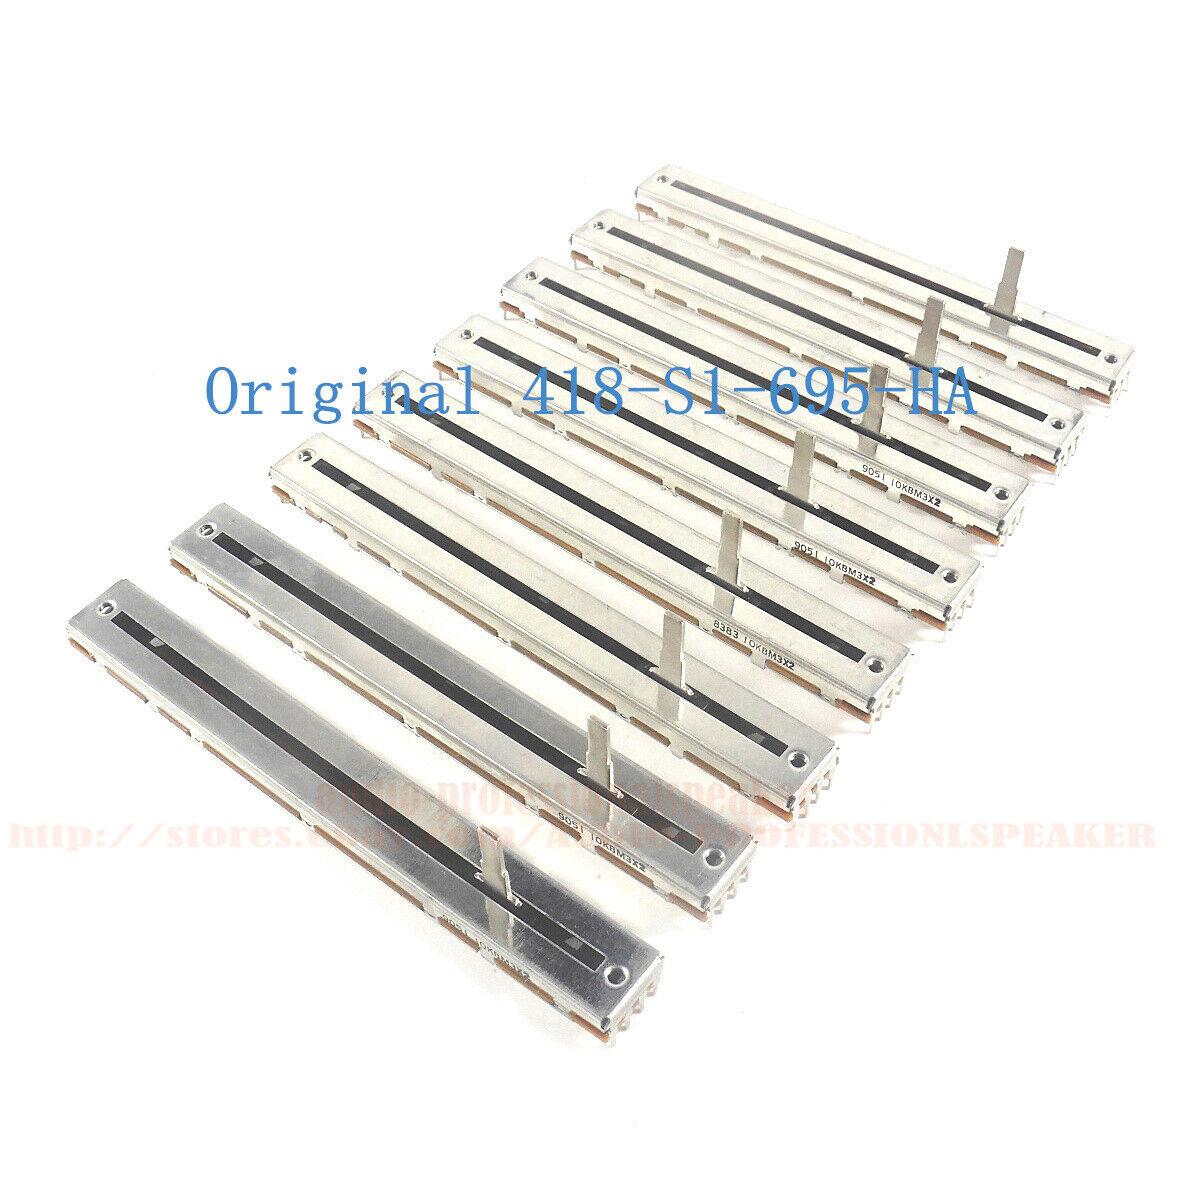 8 X Slide Pitch Tempo Fader For Pioneer DDJ-SX2 DDJ-SX2-N DDJ-SX DDJ-SX-W DDJ-RX